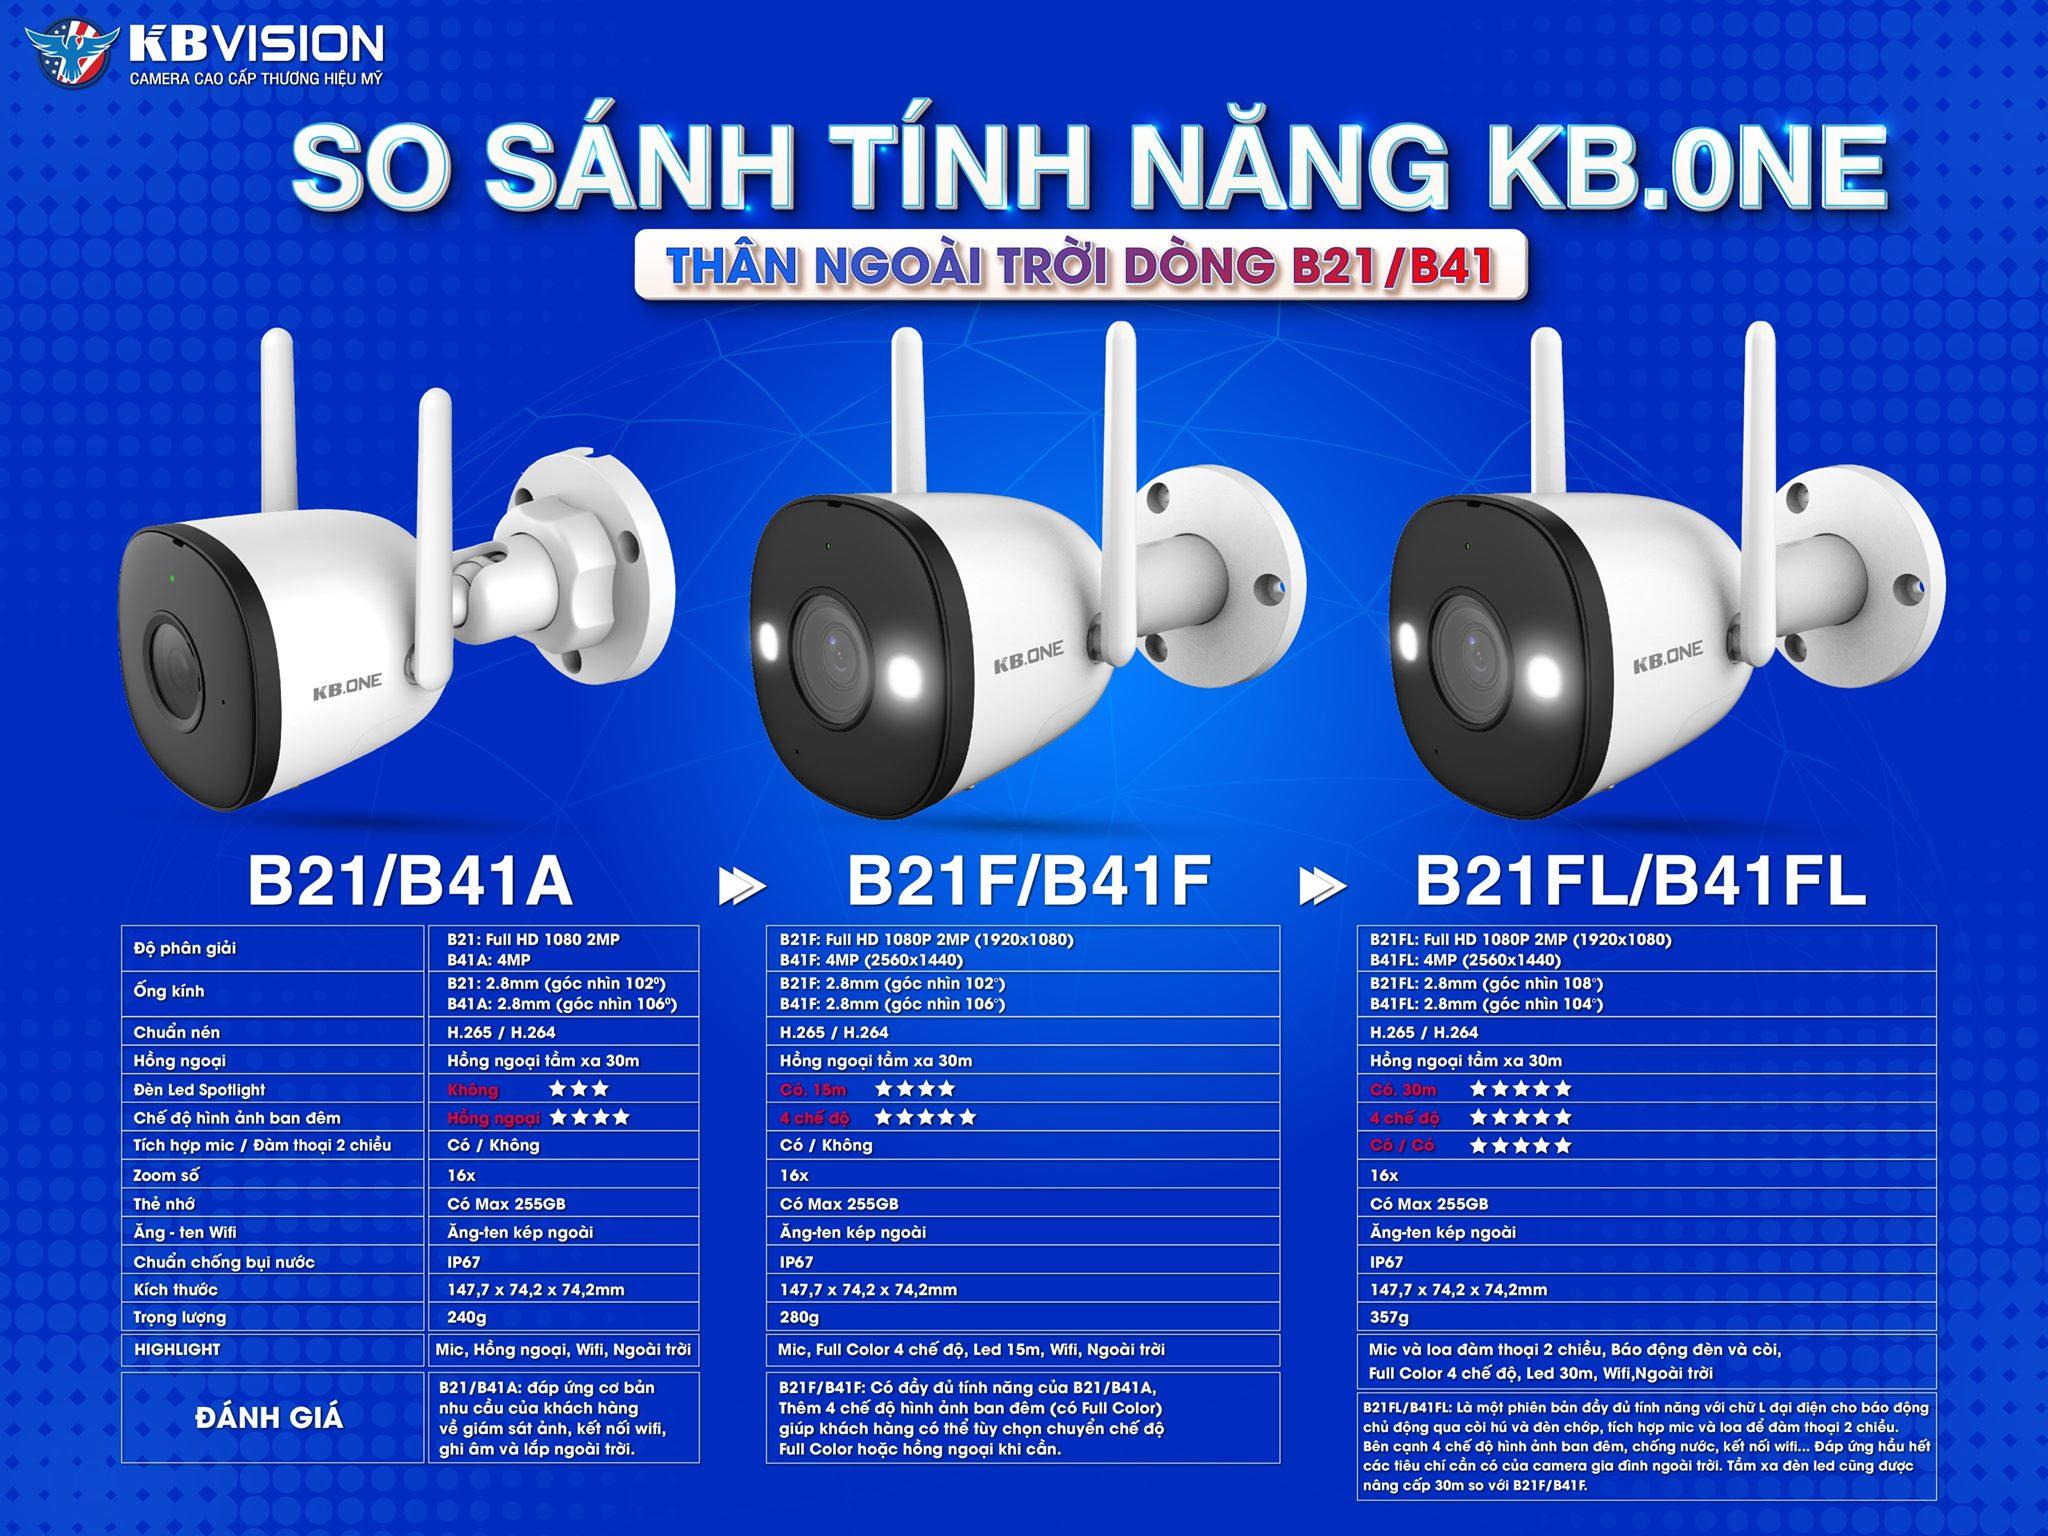 Phân biệt Kbone KN-B41, KN-B41F, KN-B41FL